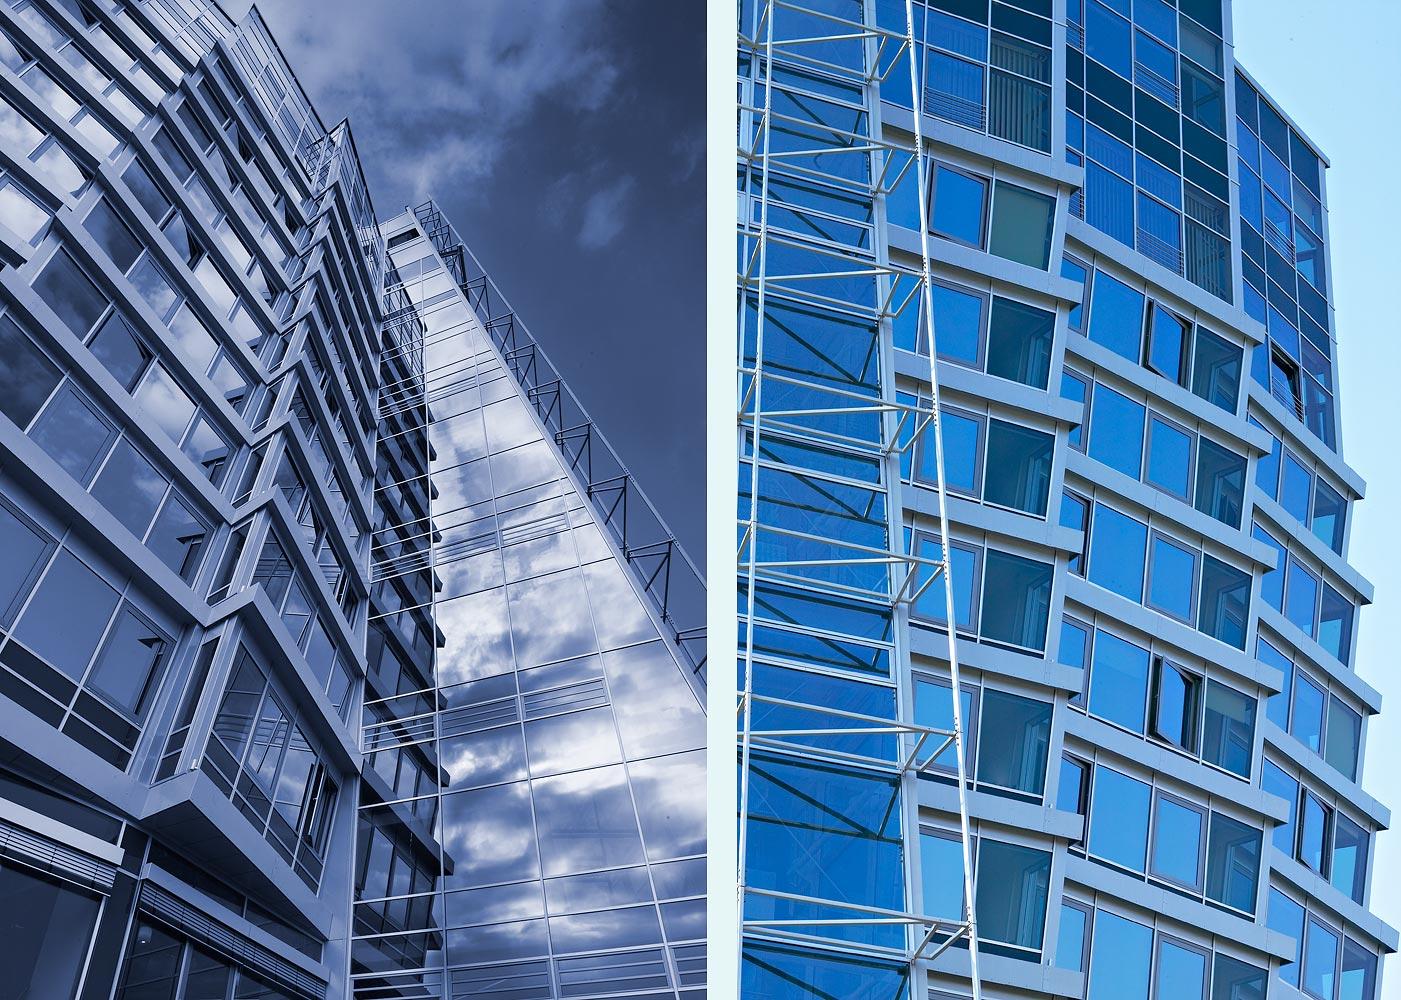 Architekturfotografie-Mirko Hertel Fotografie 16